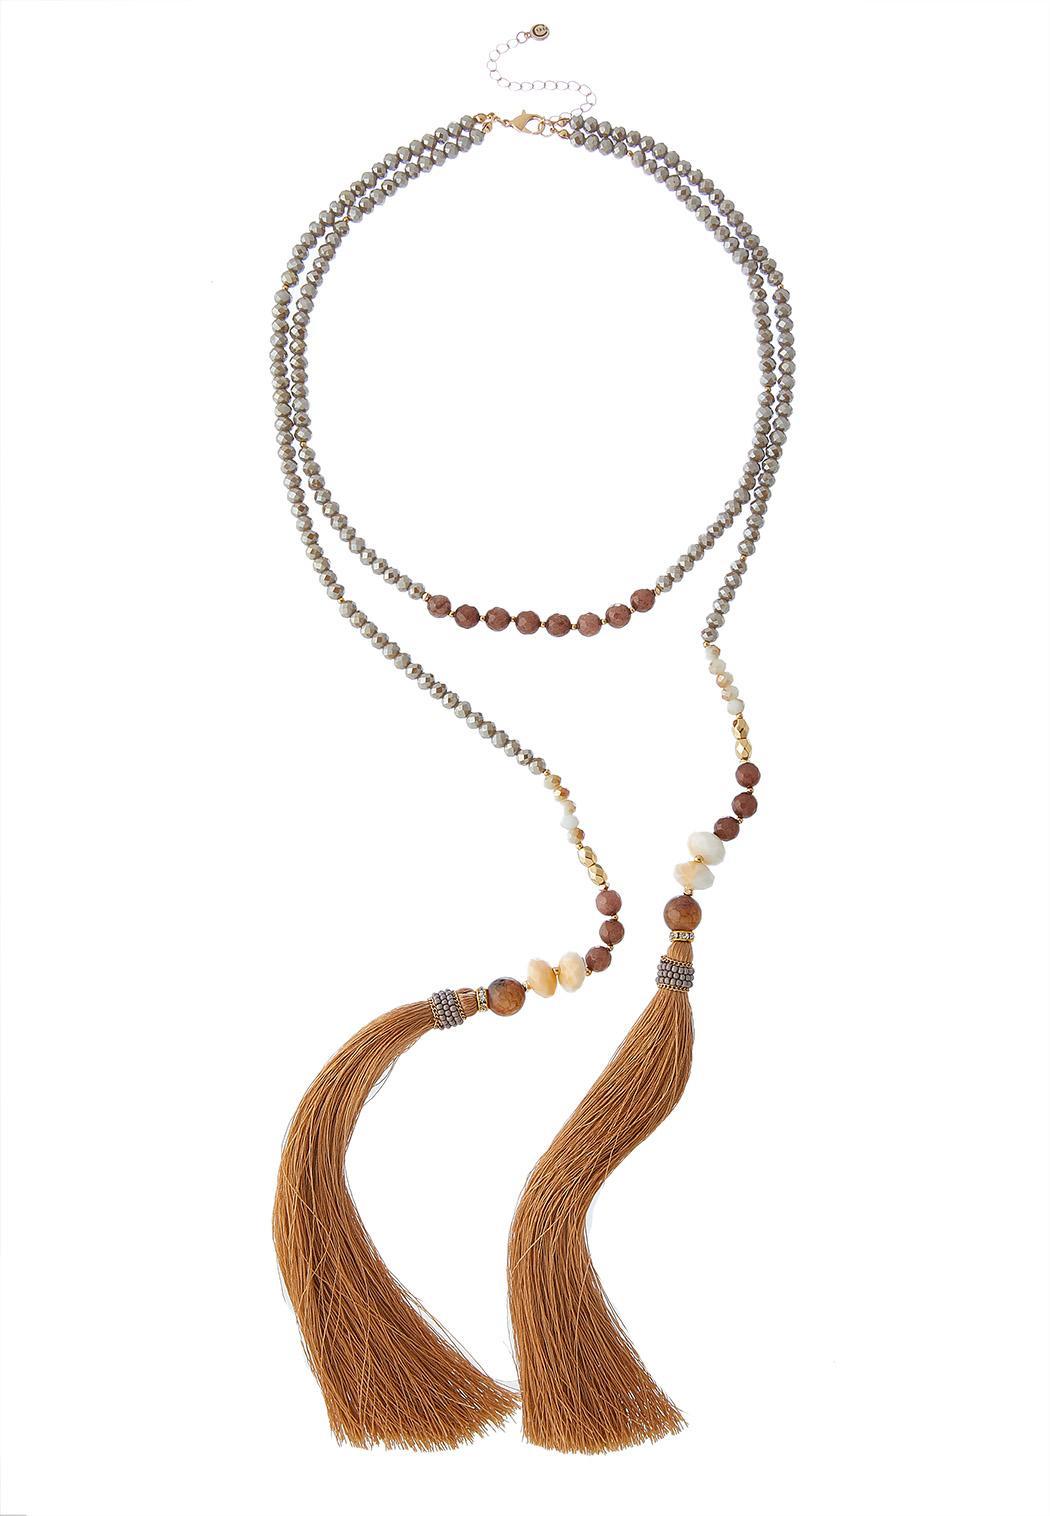 Layered Boho Necklace